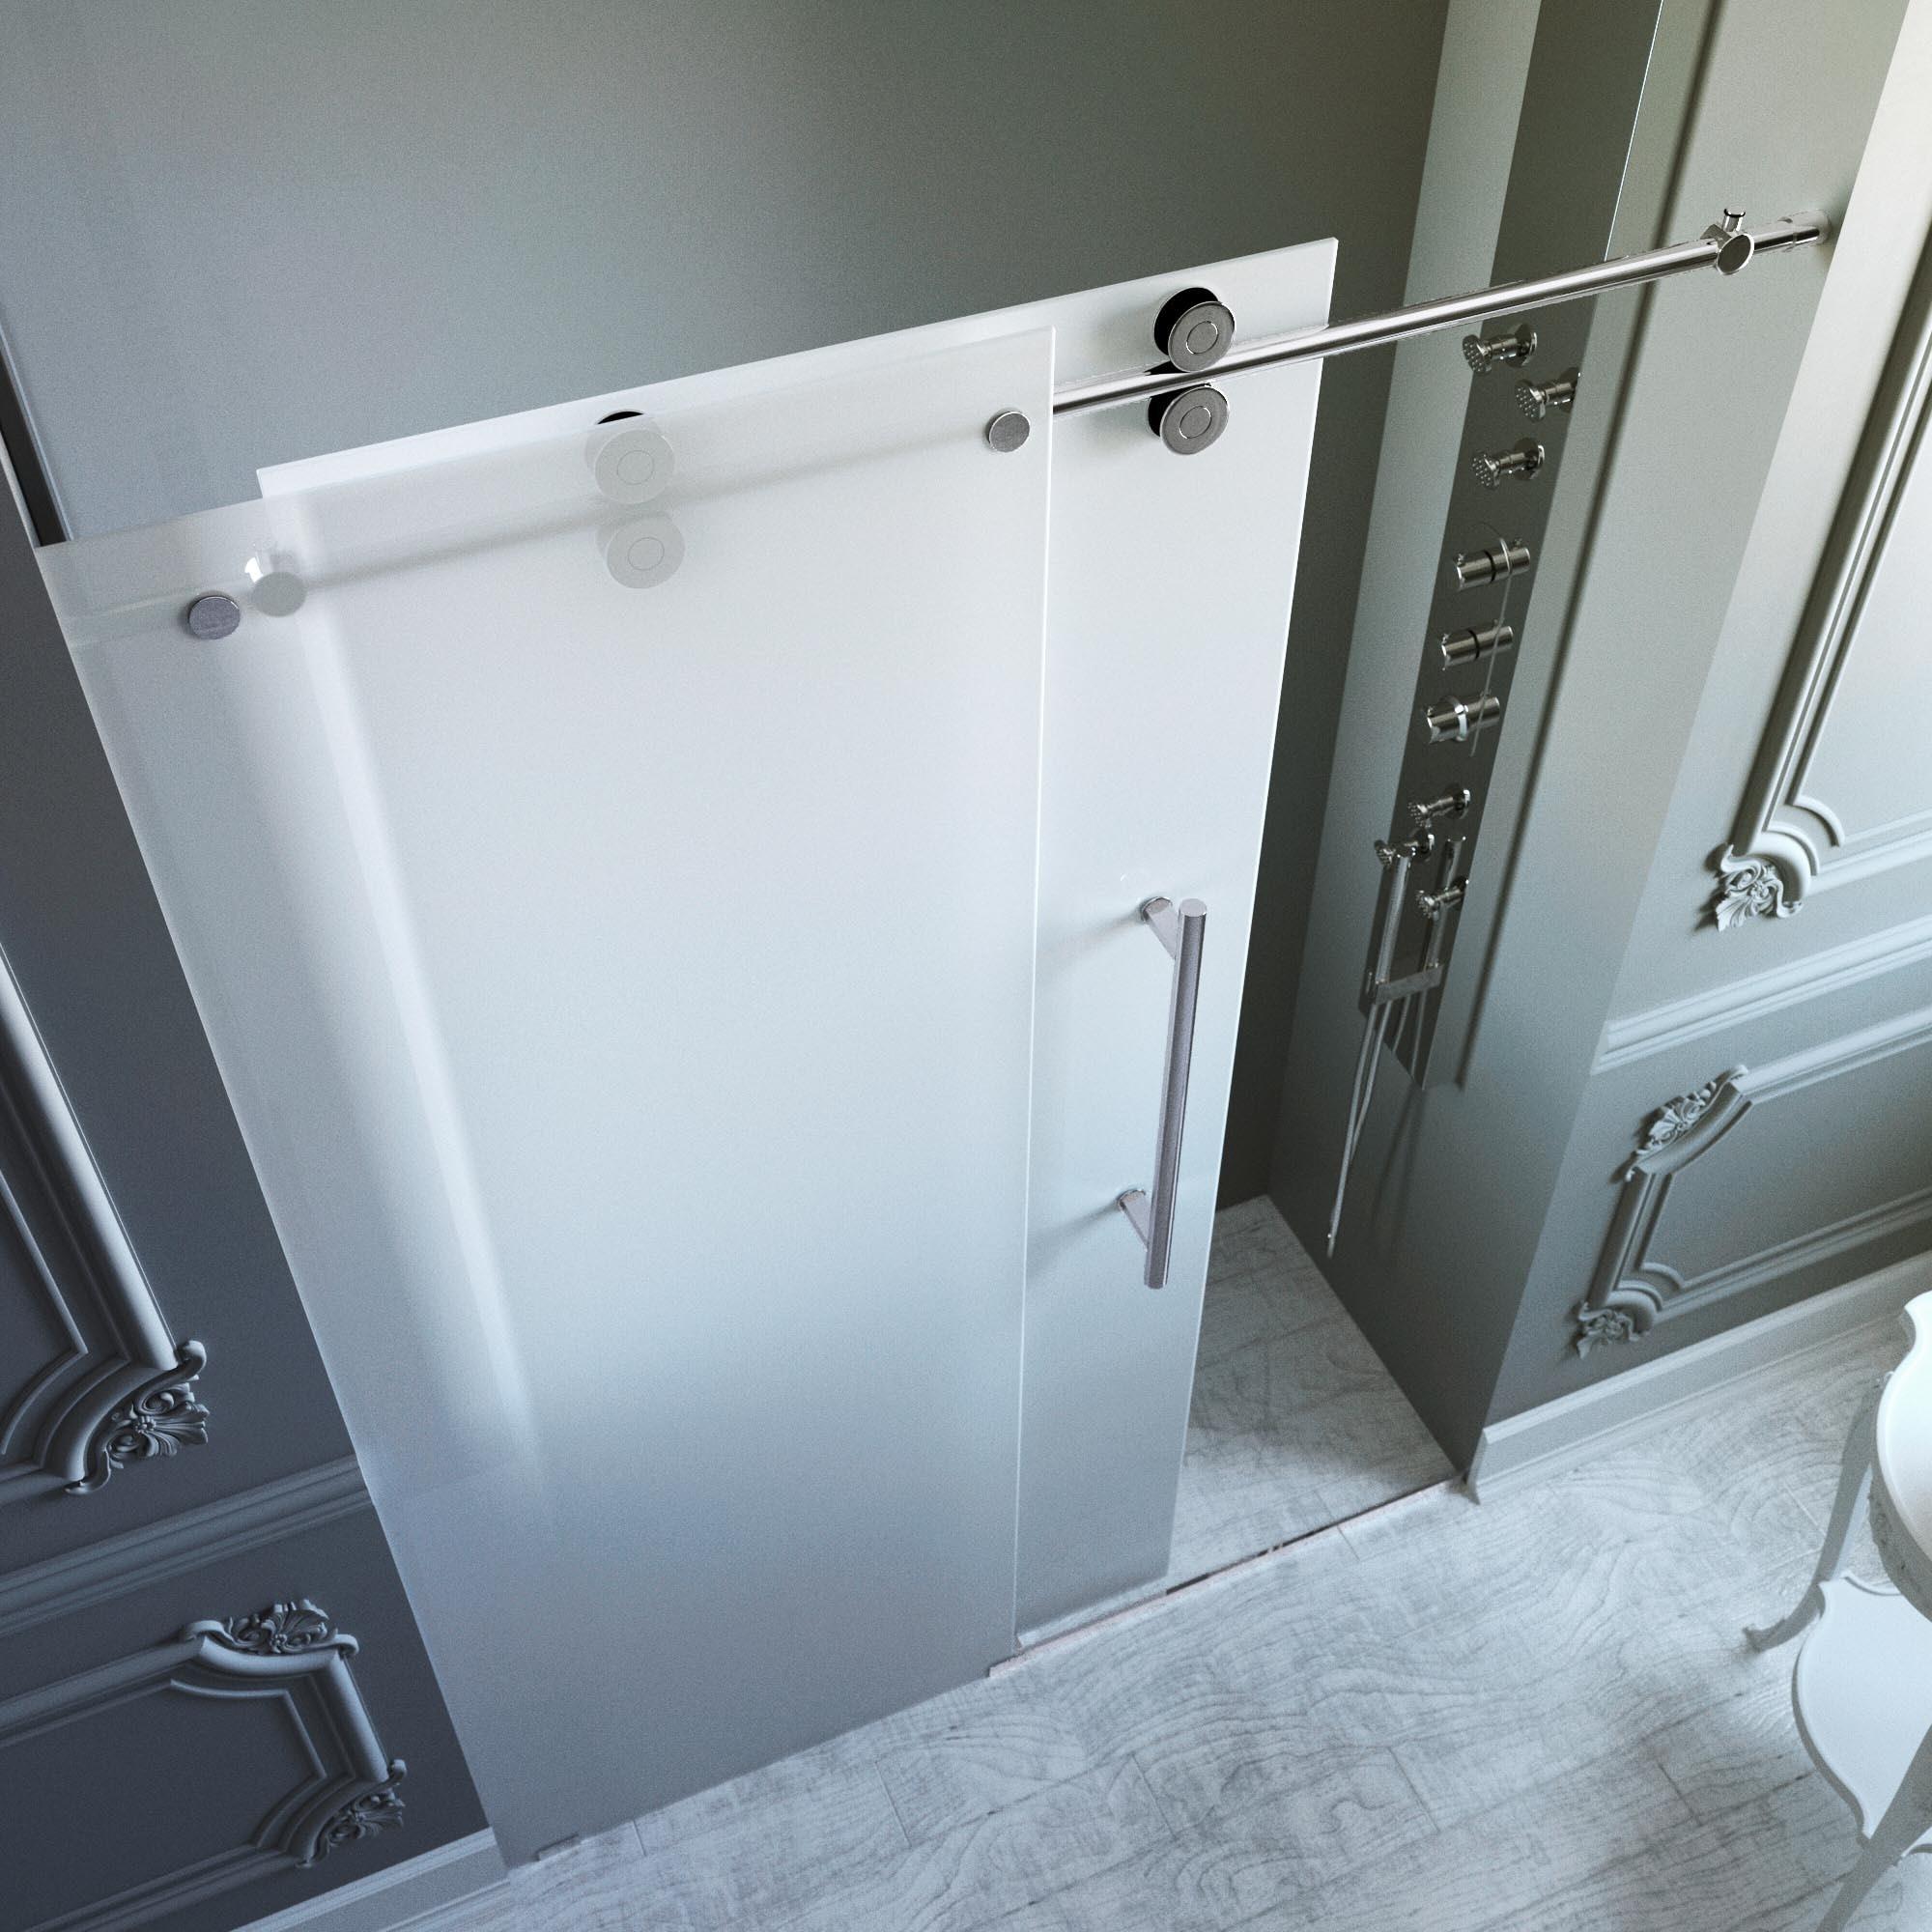 Vigo 72 Inch Frameless Frosted Glass Sliding Shower Door